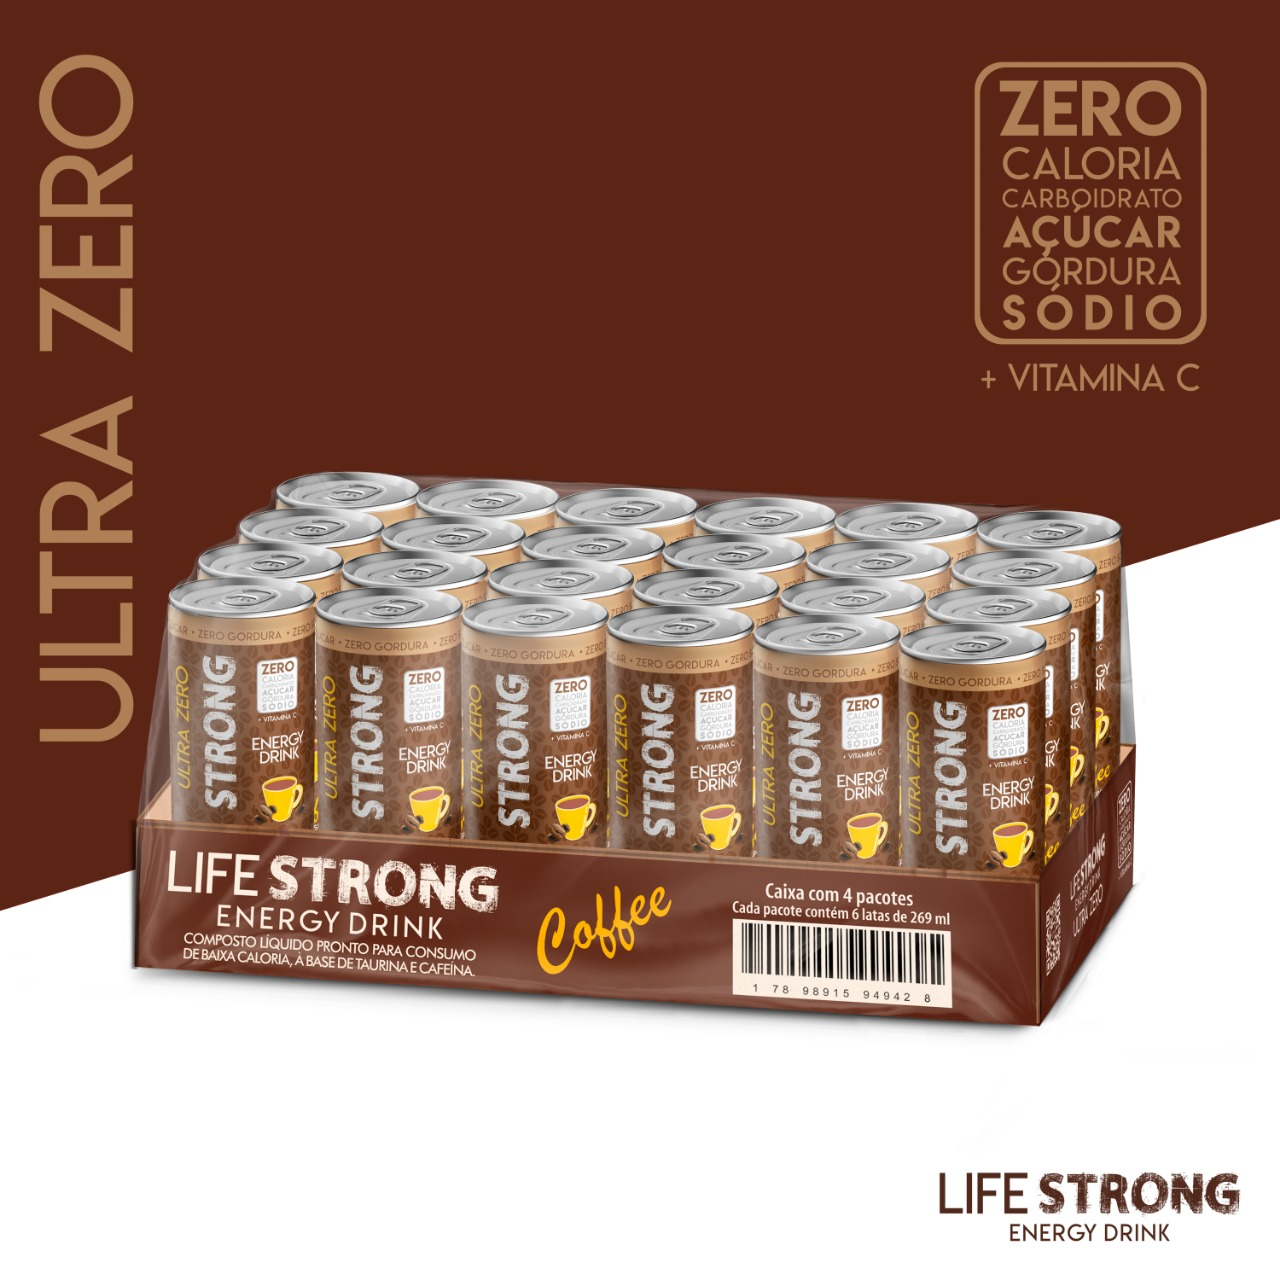 ENERGÉTICO LIFE STRONG - ULTRA ZERO - COFFEE - PACK COM 24